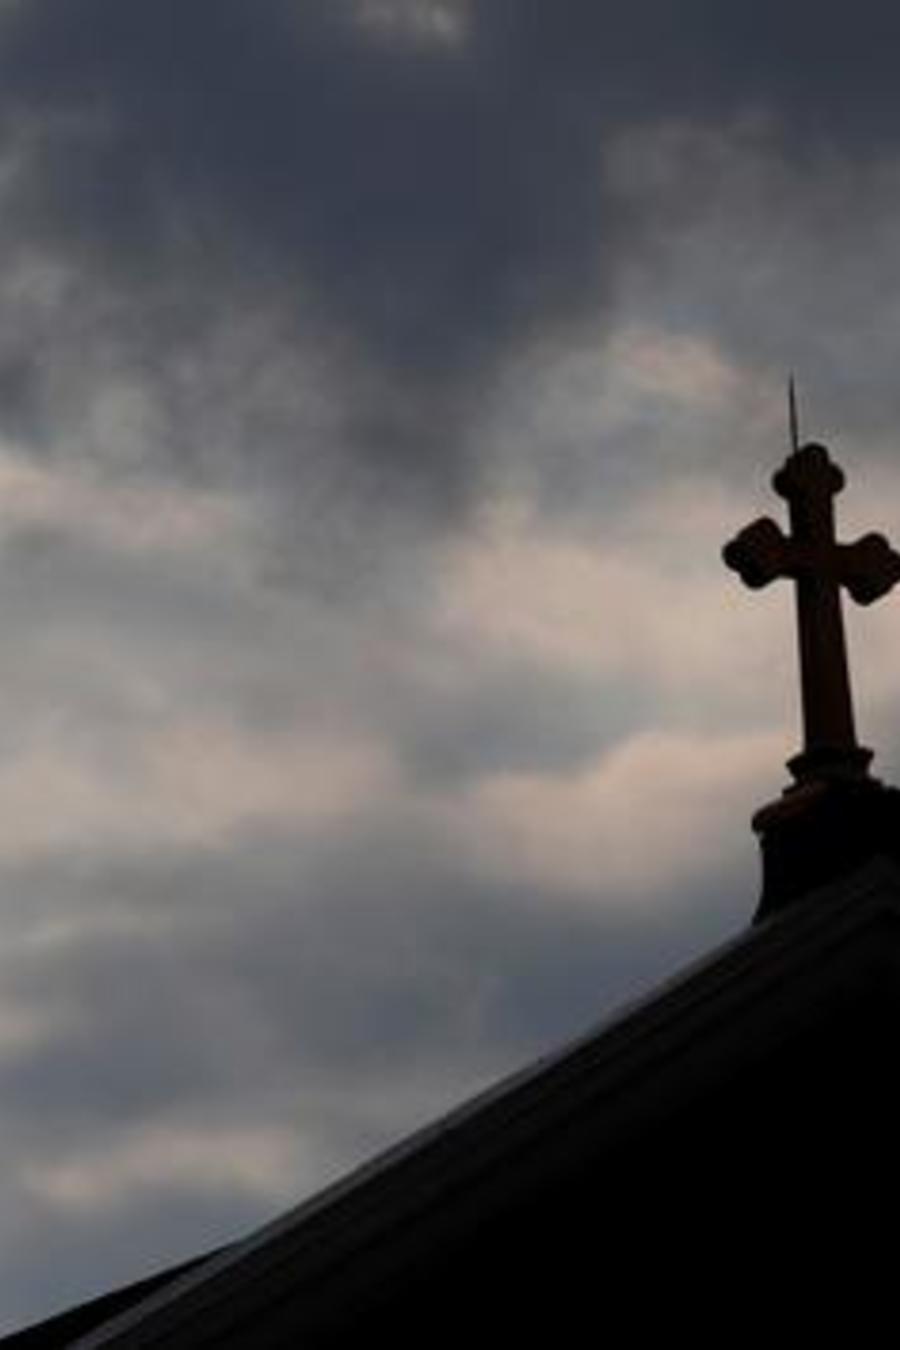 La Iglesia católica en el estado recibió denuncias contra 690 párrocos, solo 185 fueron considerados creíbles y fueron identificados.